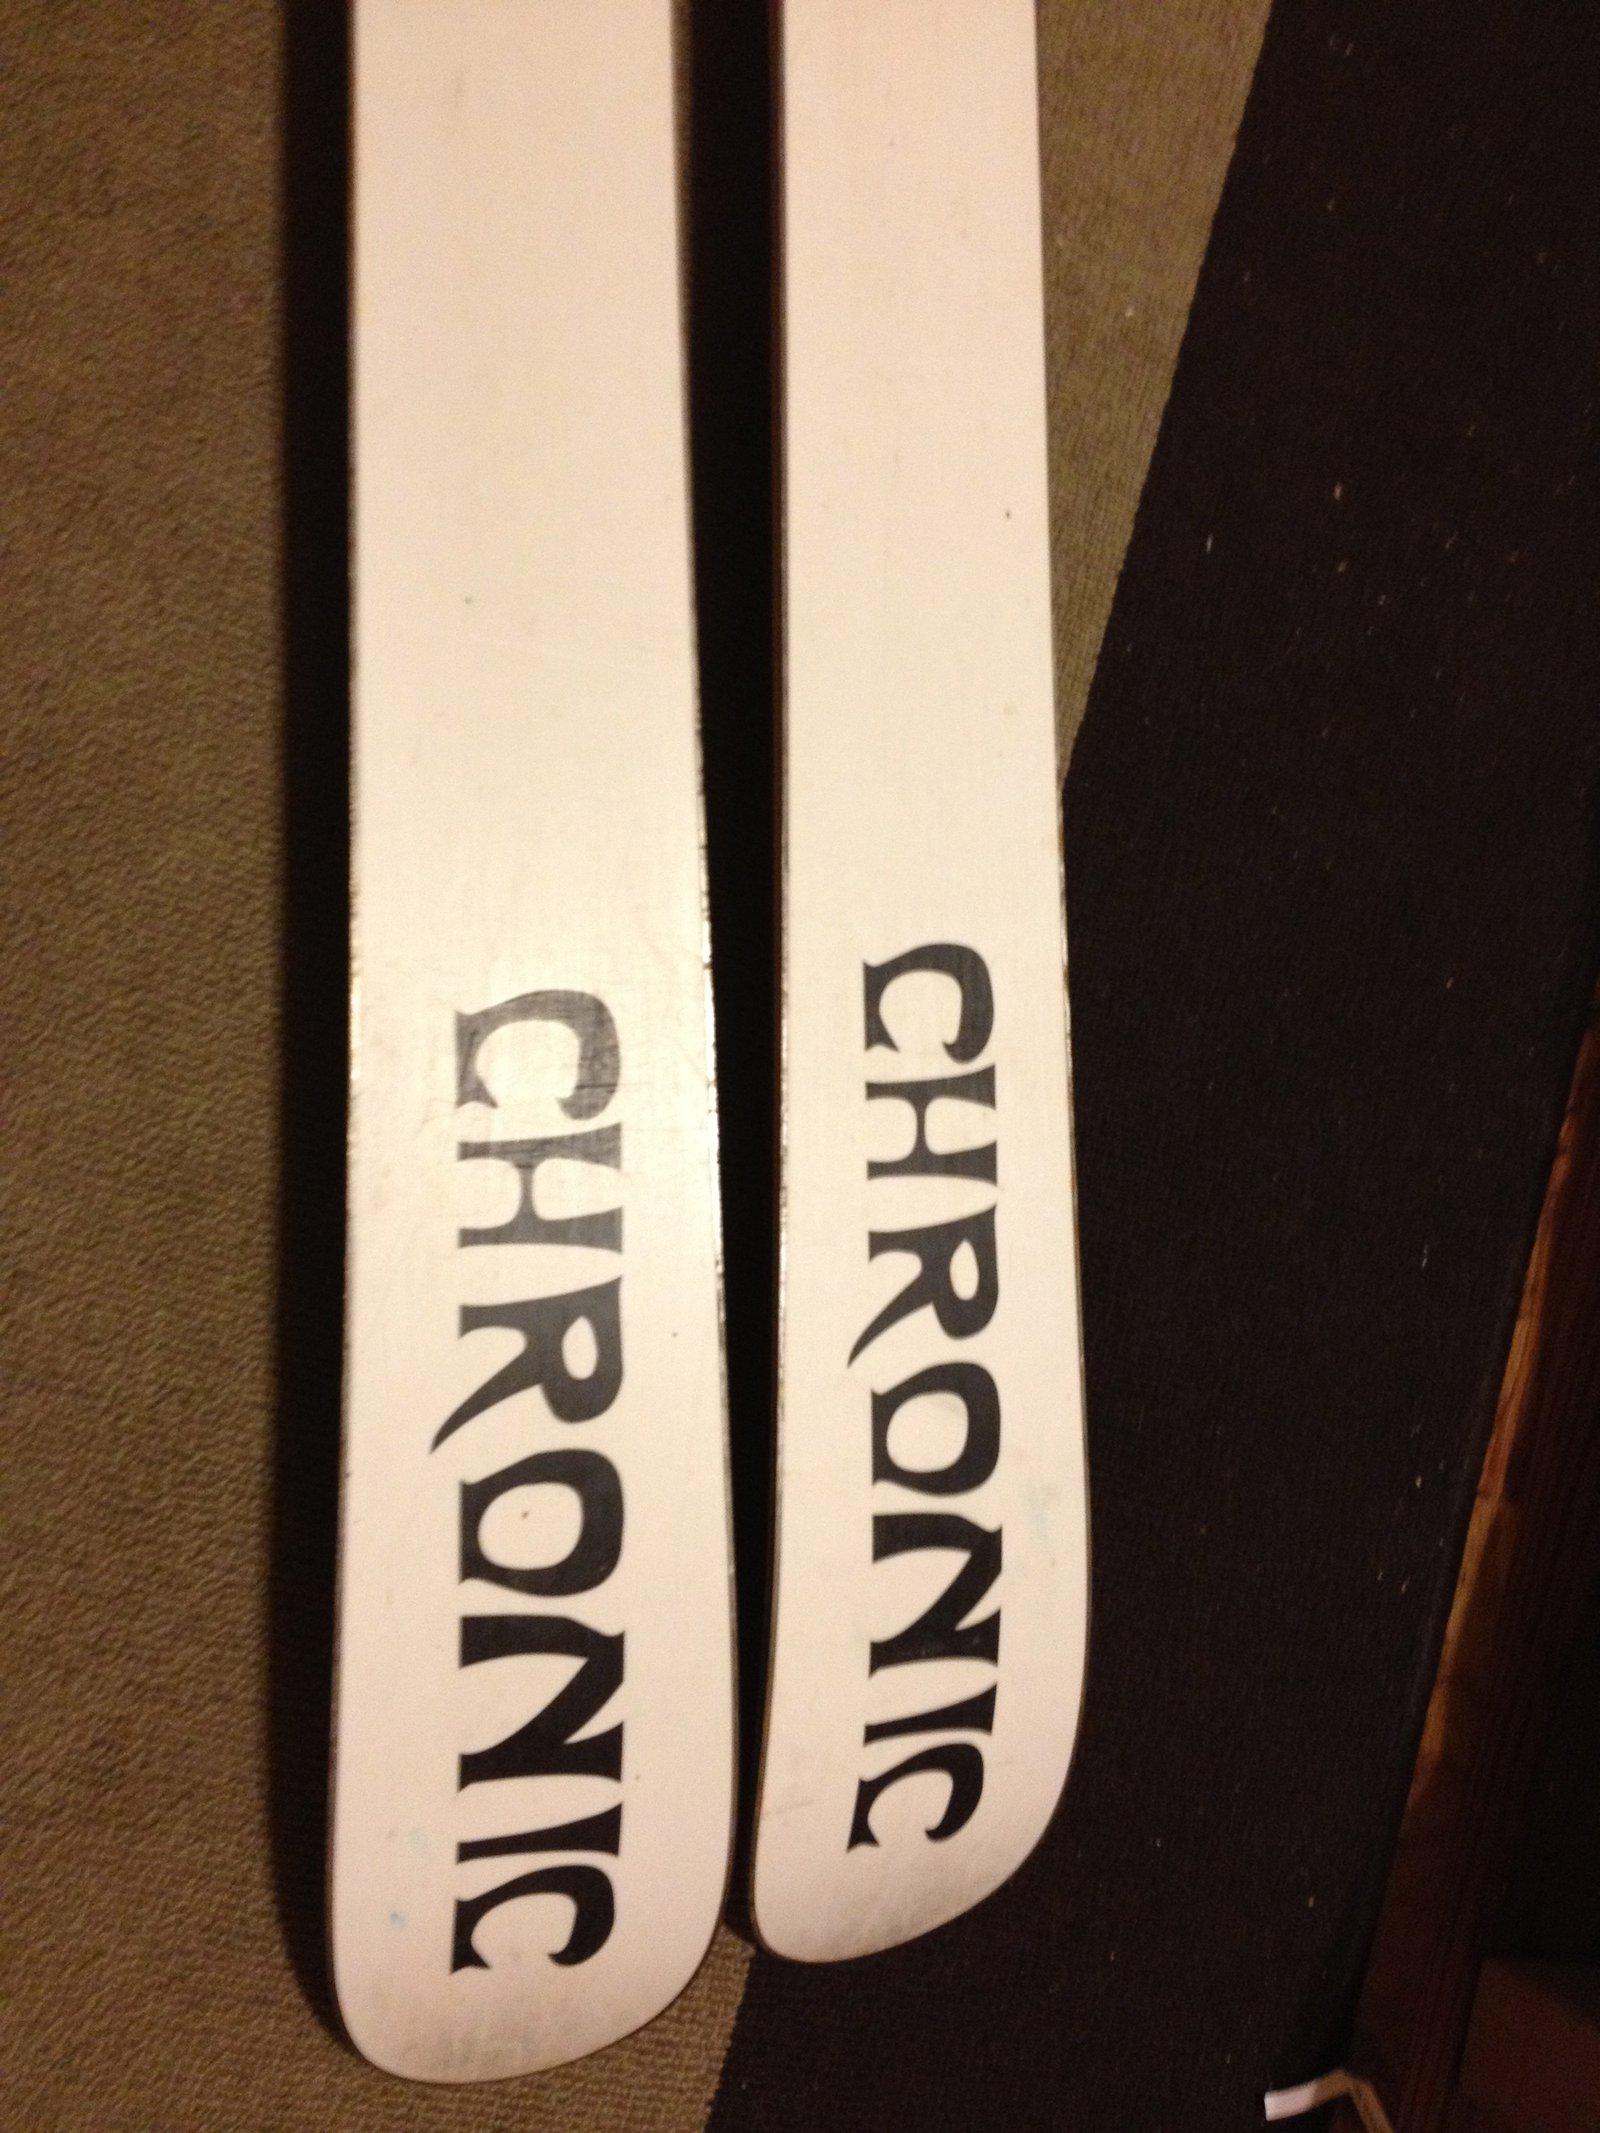 chronics 5